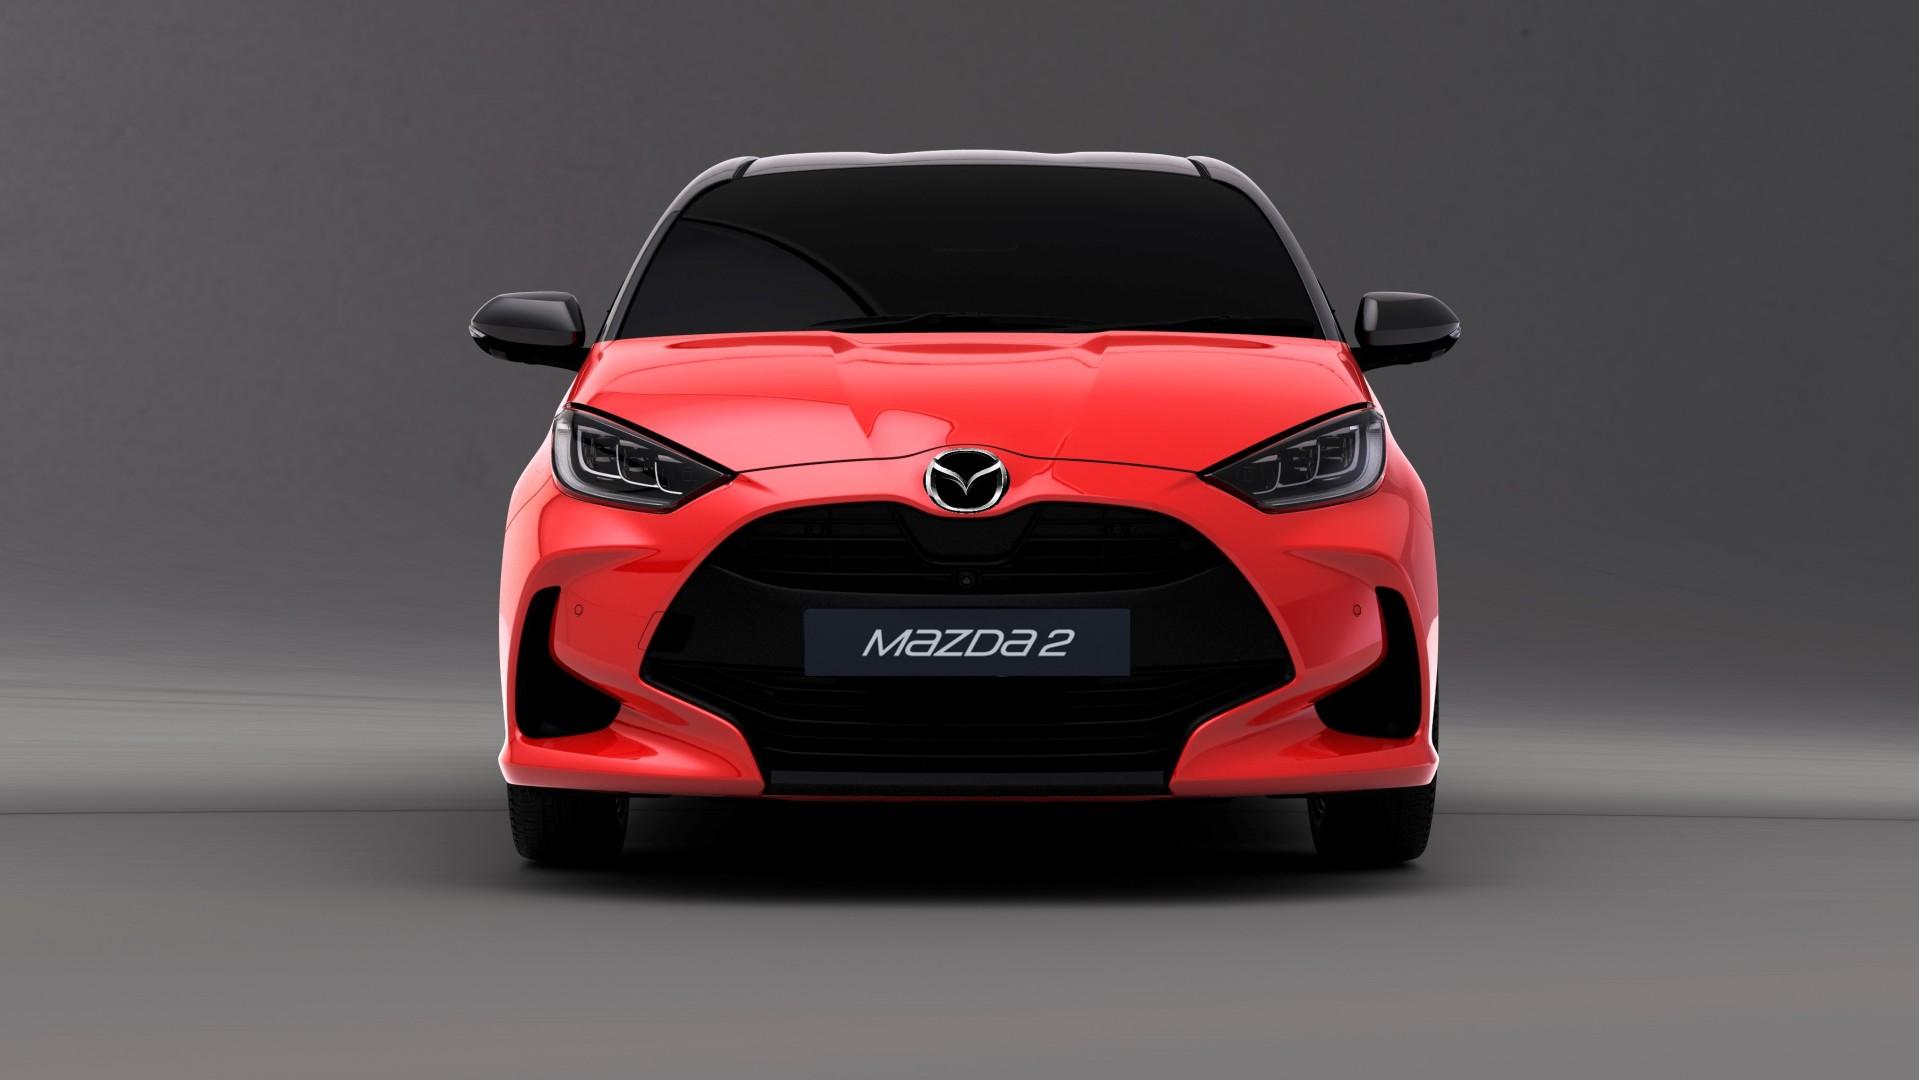 El próximo Mazda2 será un Toyota Yaris remarcado